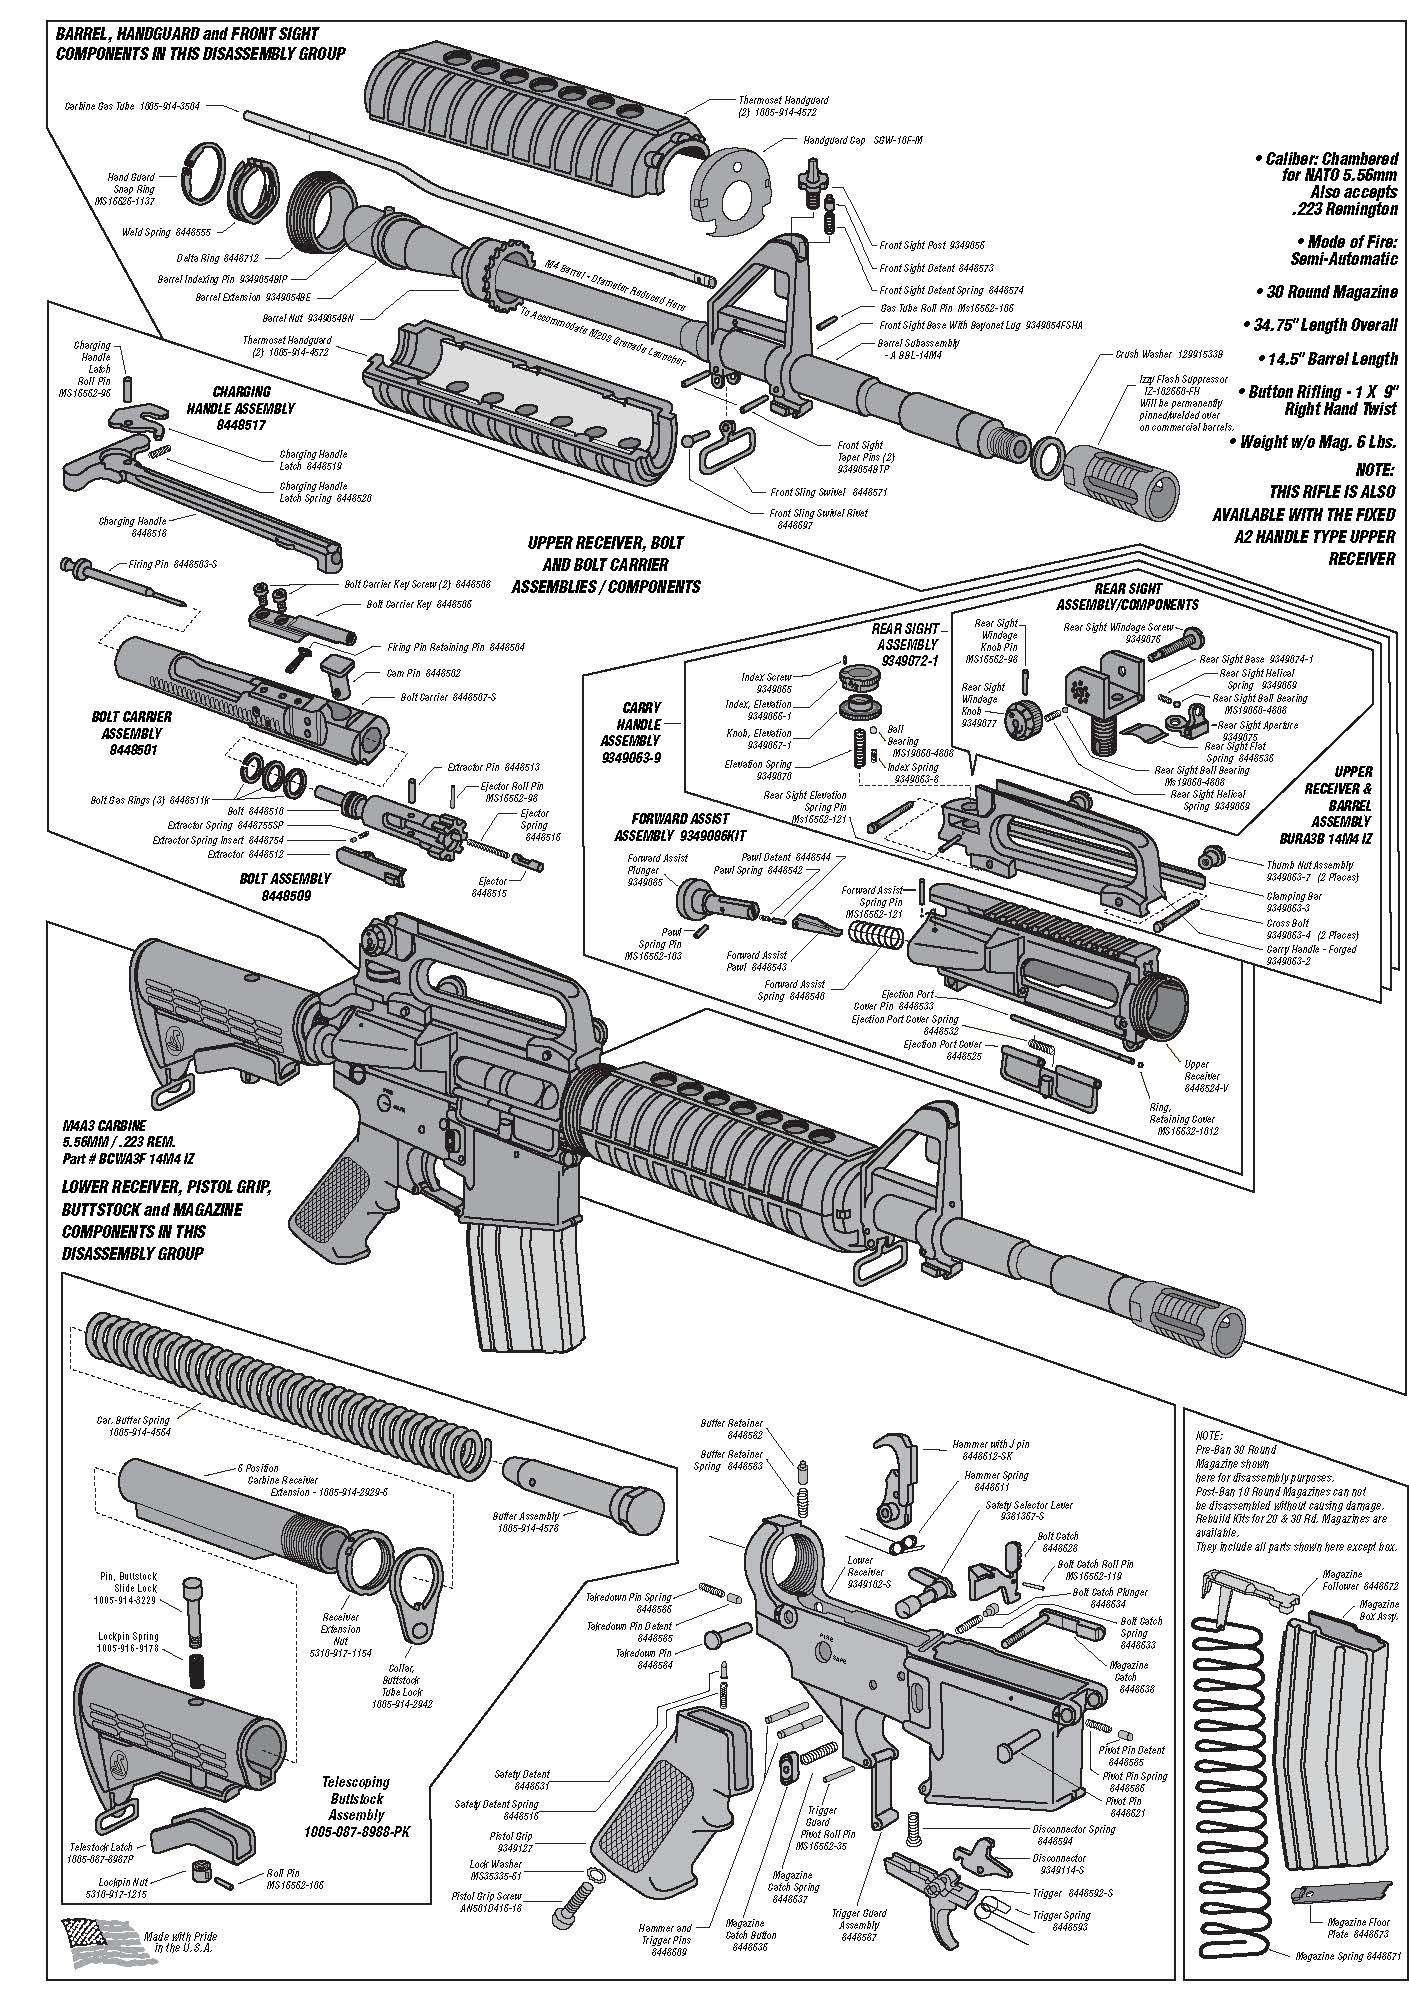 AR Schematic | Technical Drawings & Cutaways | Guns